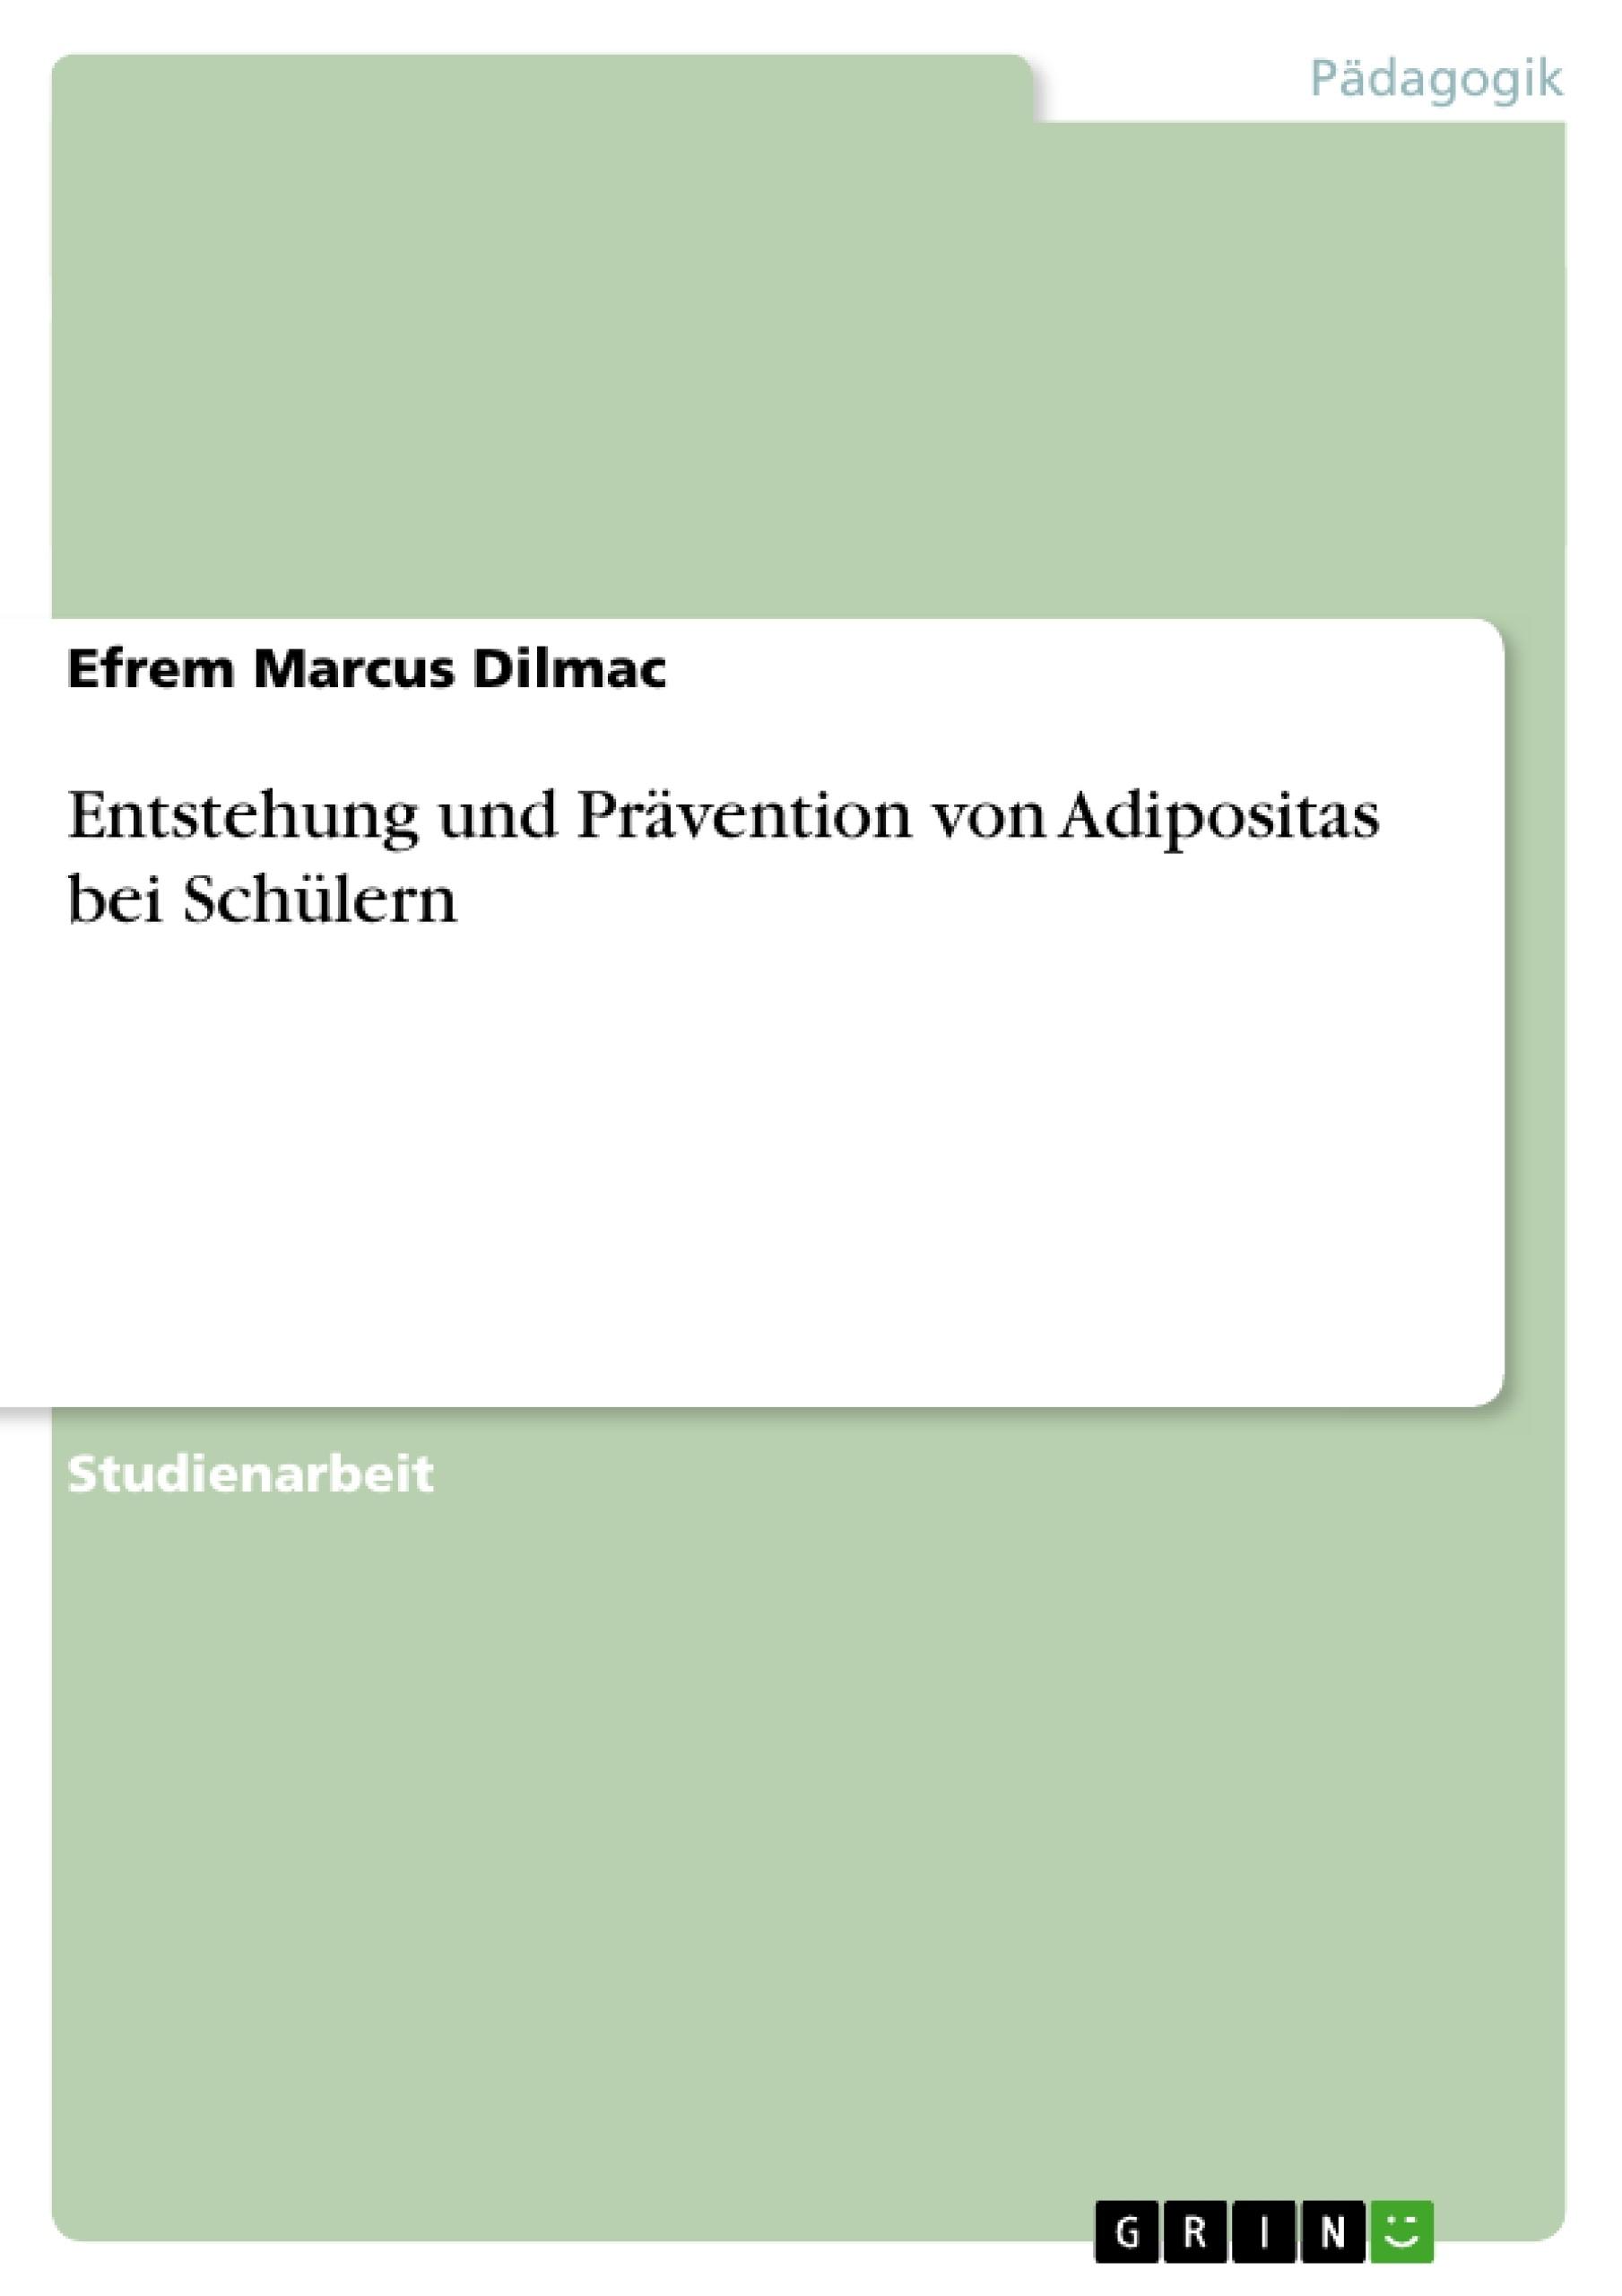 Titel: Entstehung und Prävention von Adipositas bei Schülern